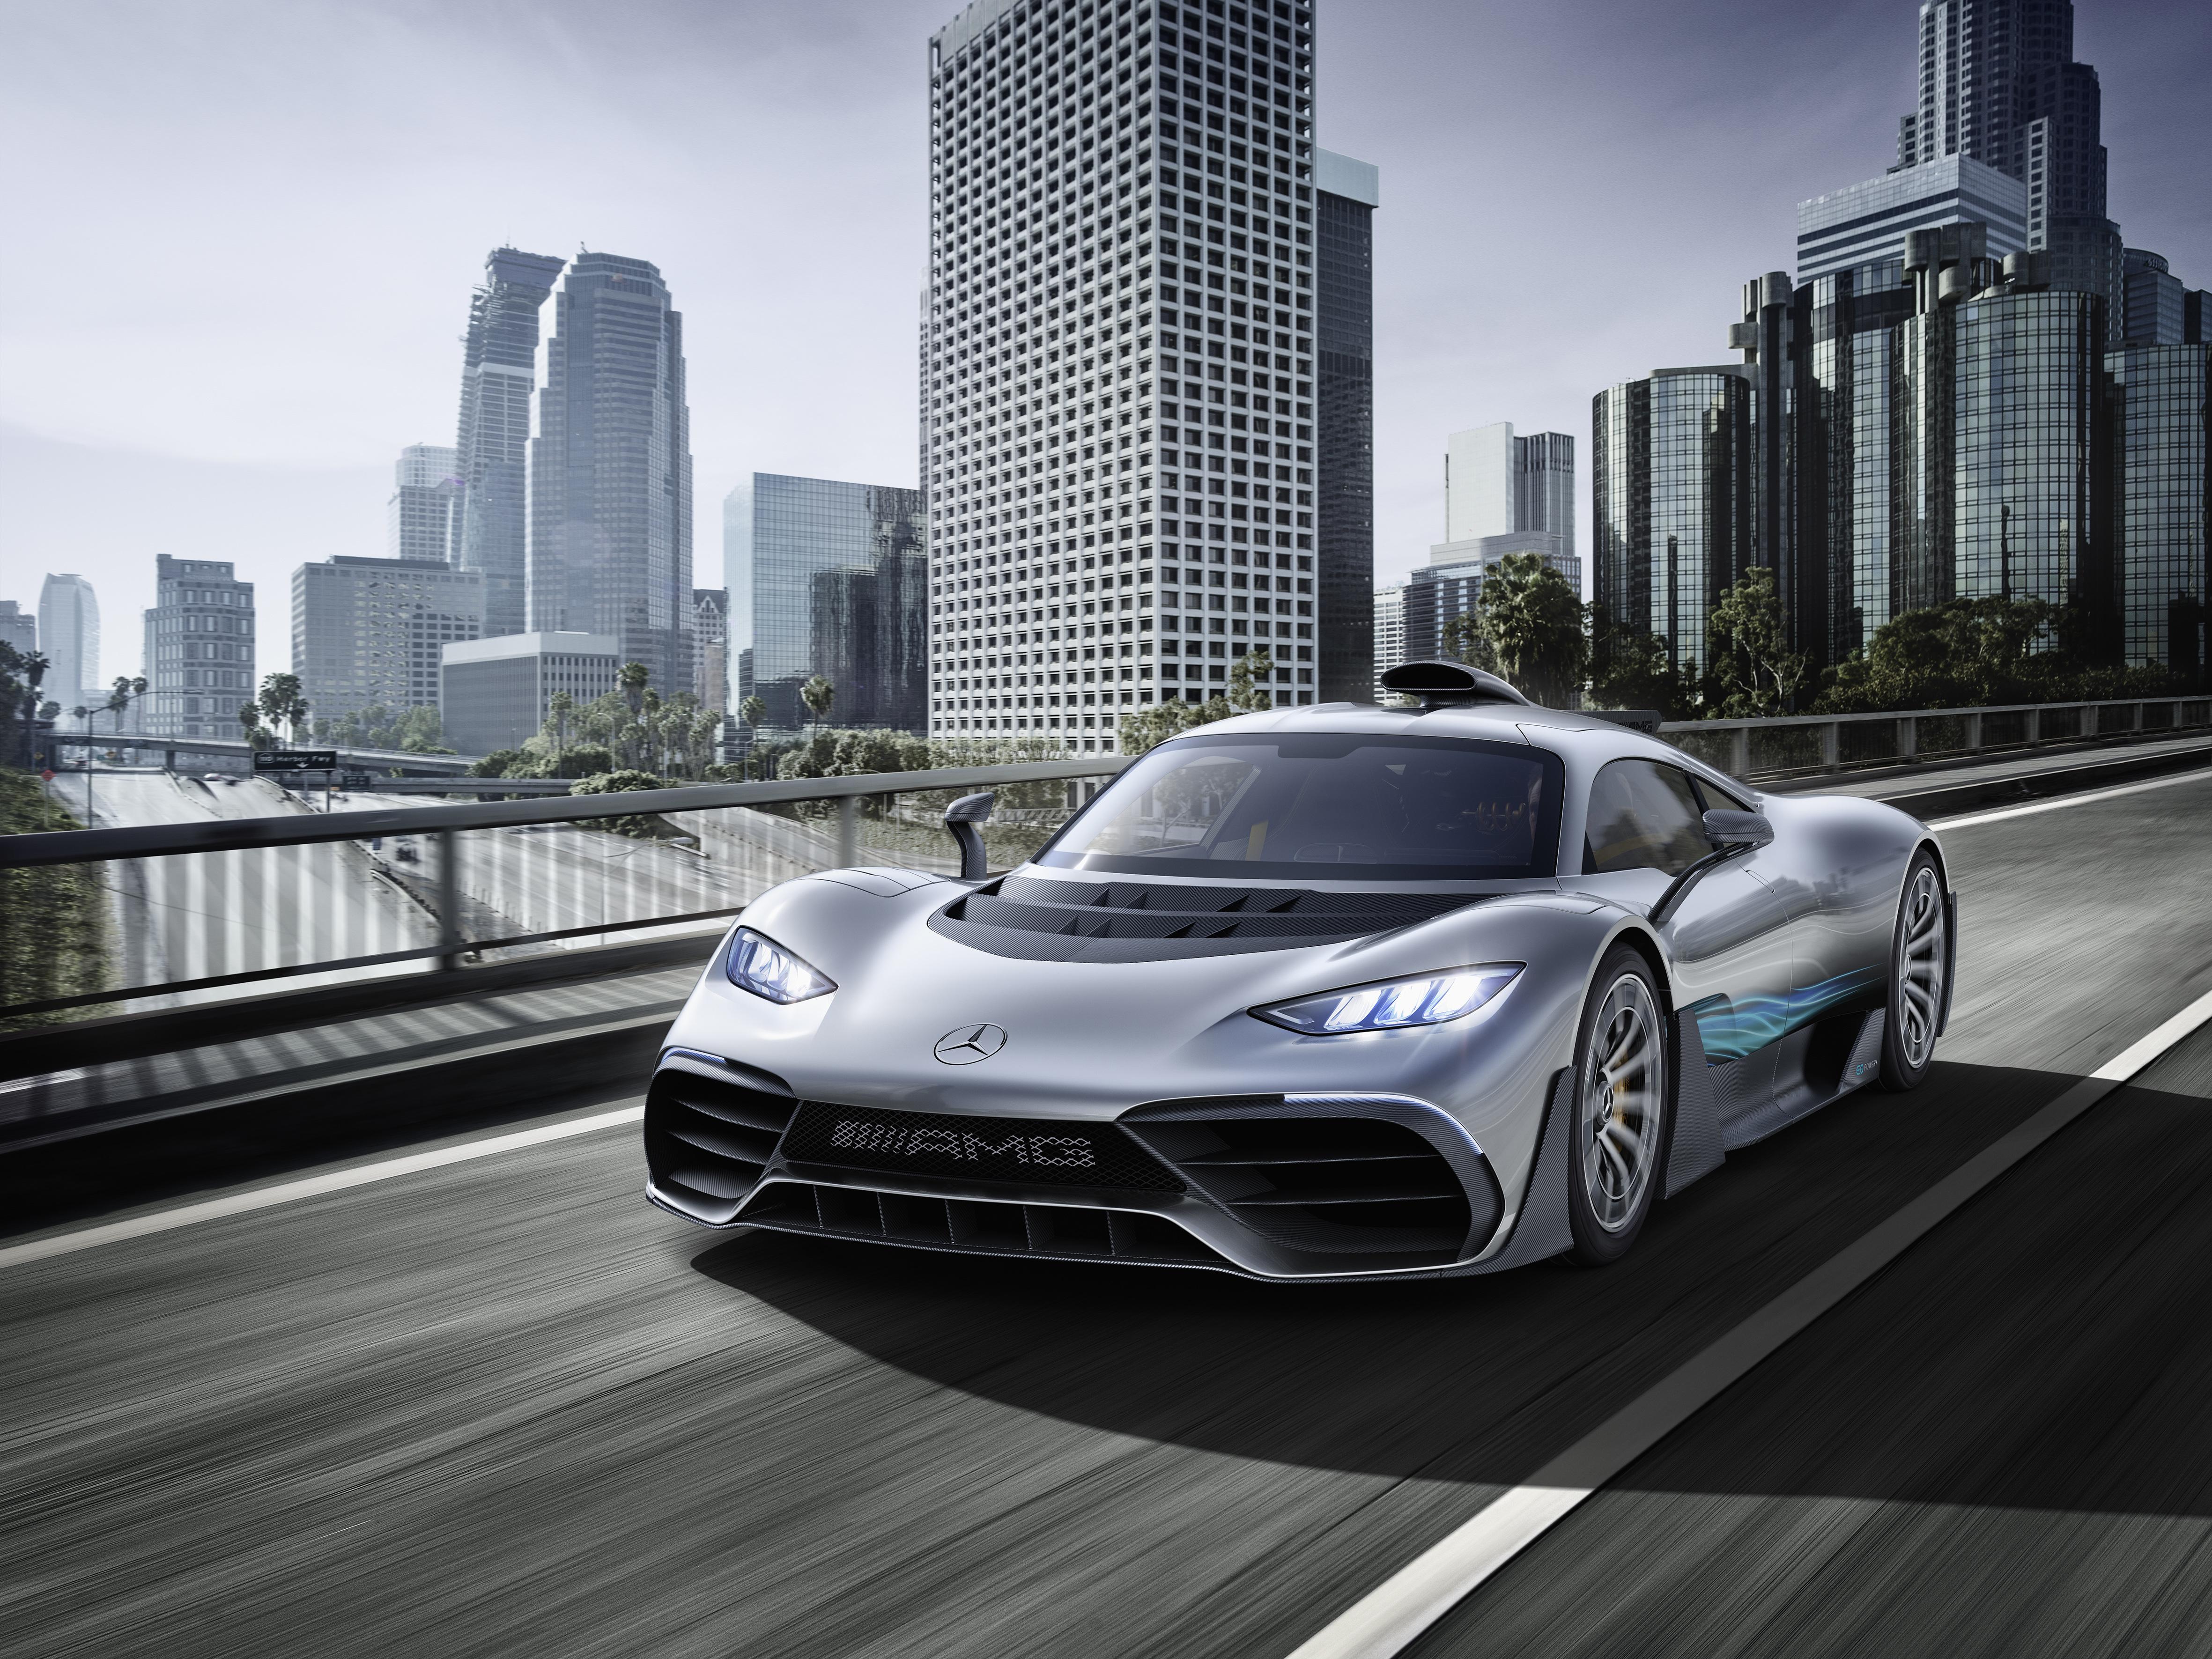 Ներկայացվել է Mercedes-AMG Project ONE հիպերմեքենան